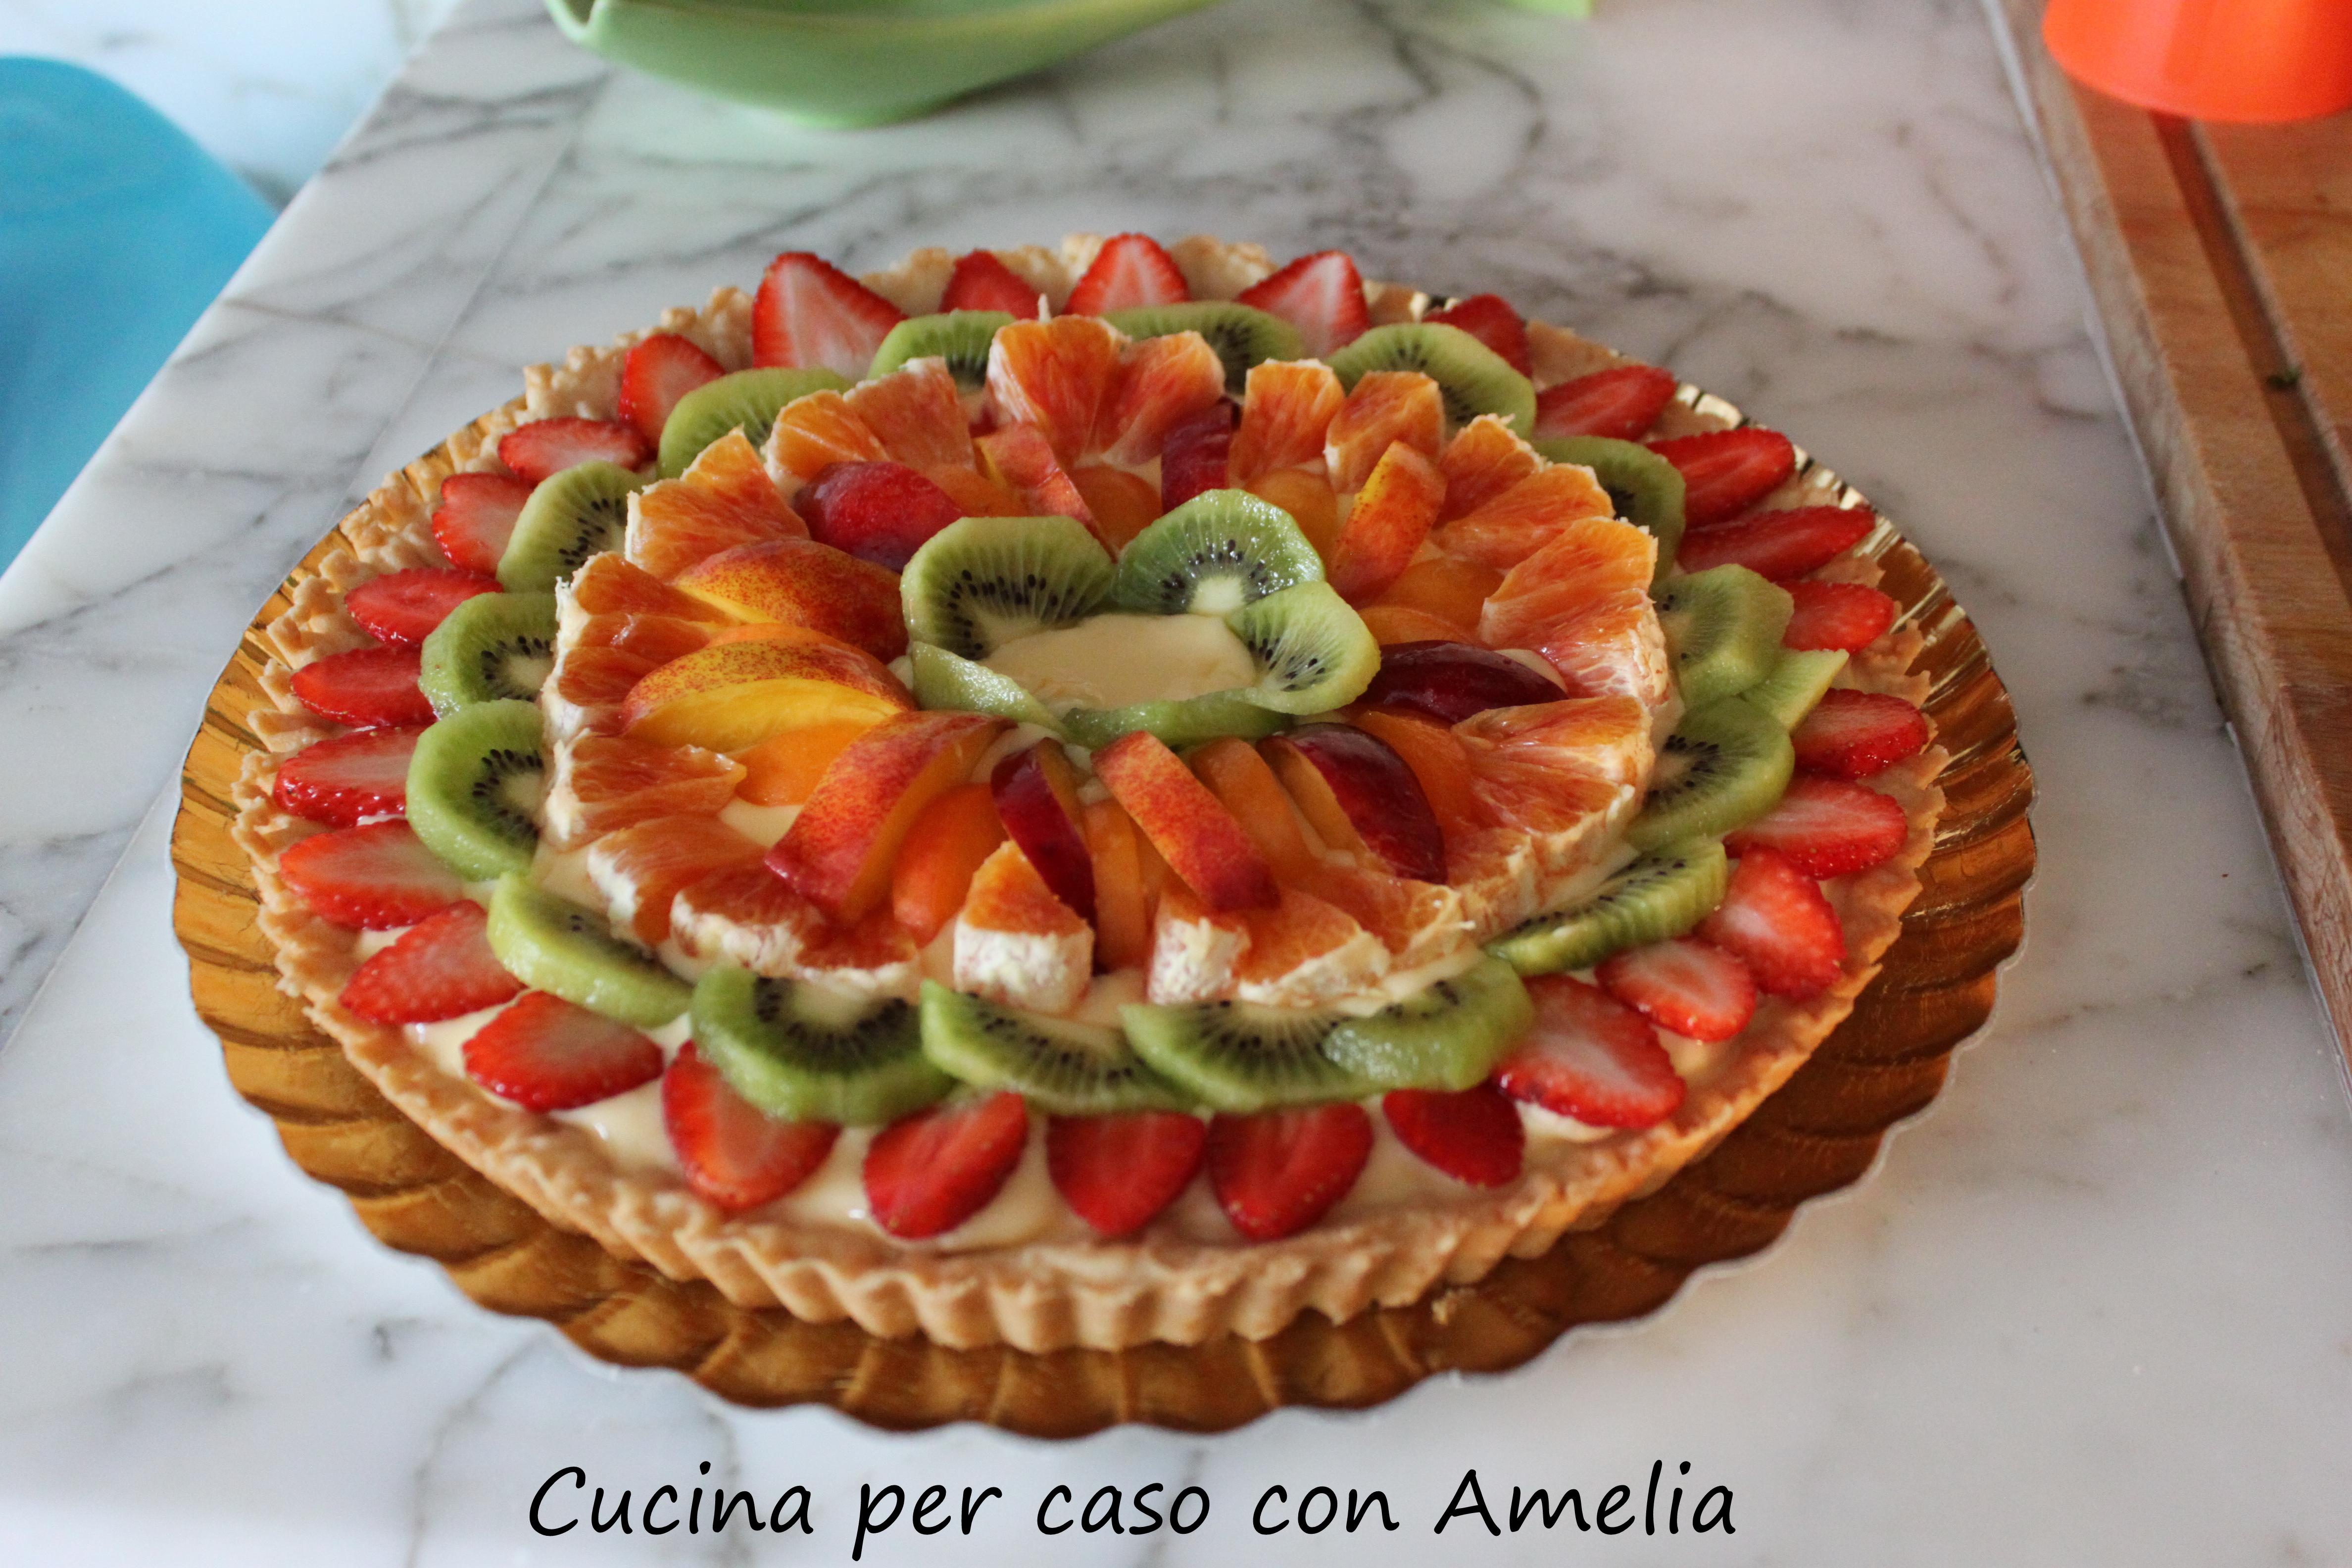 Crostata di frutta fresca / Cucina per caso con Amelia